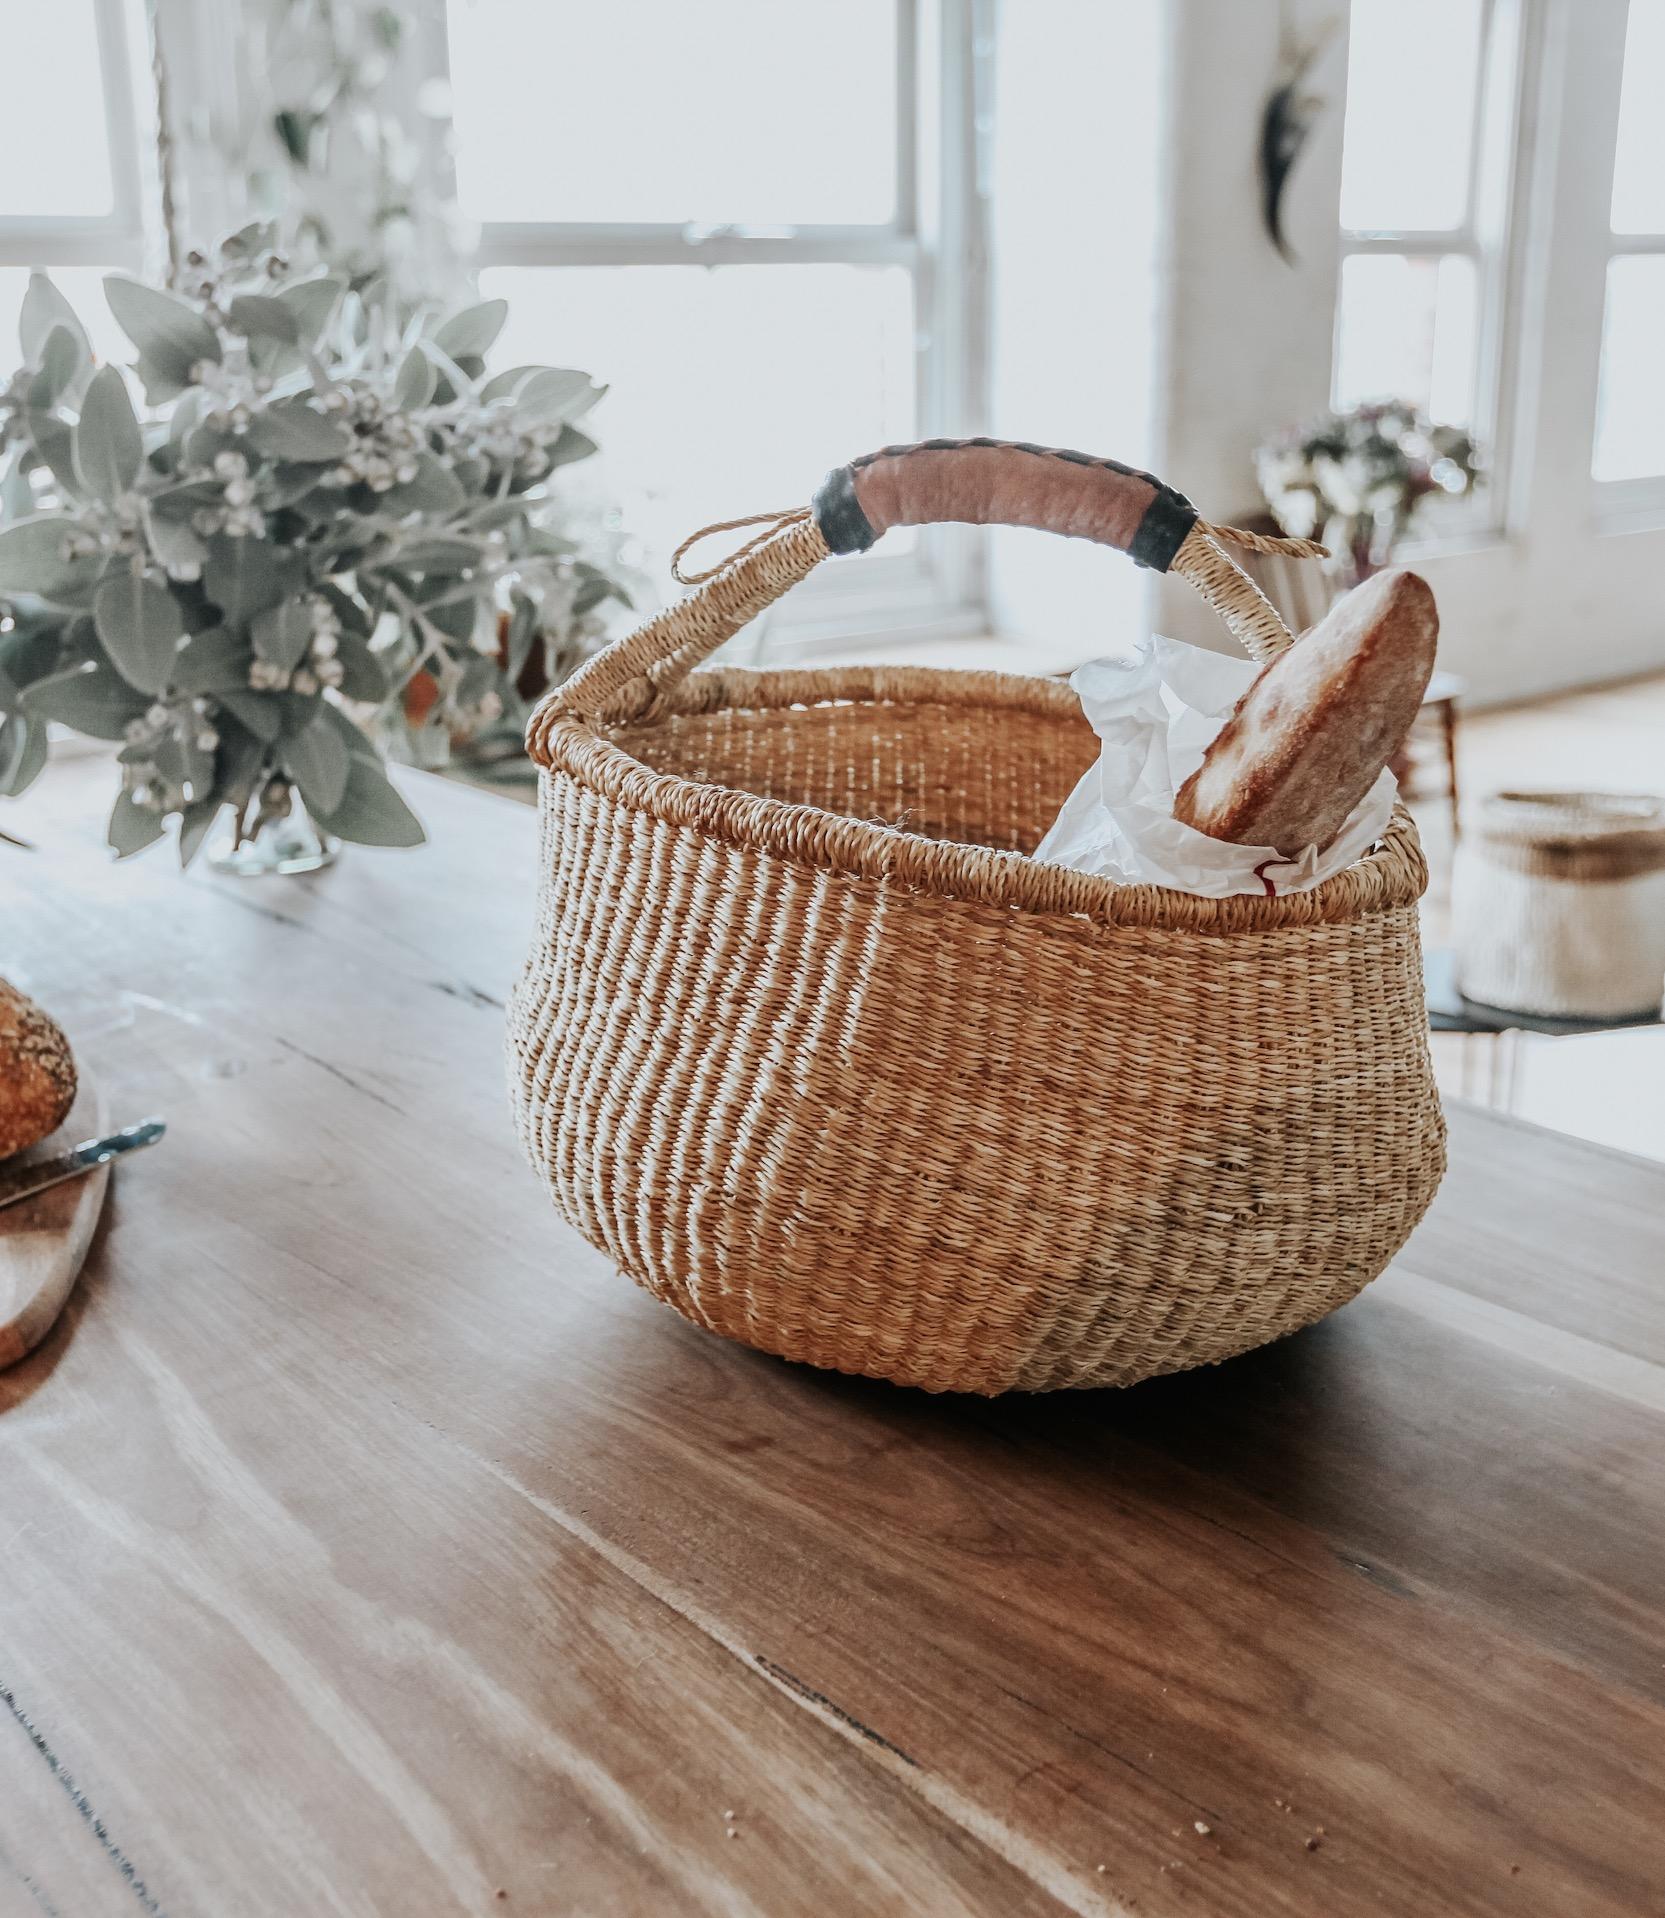 large market baskets